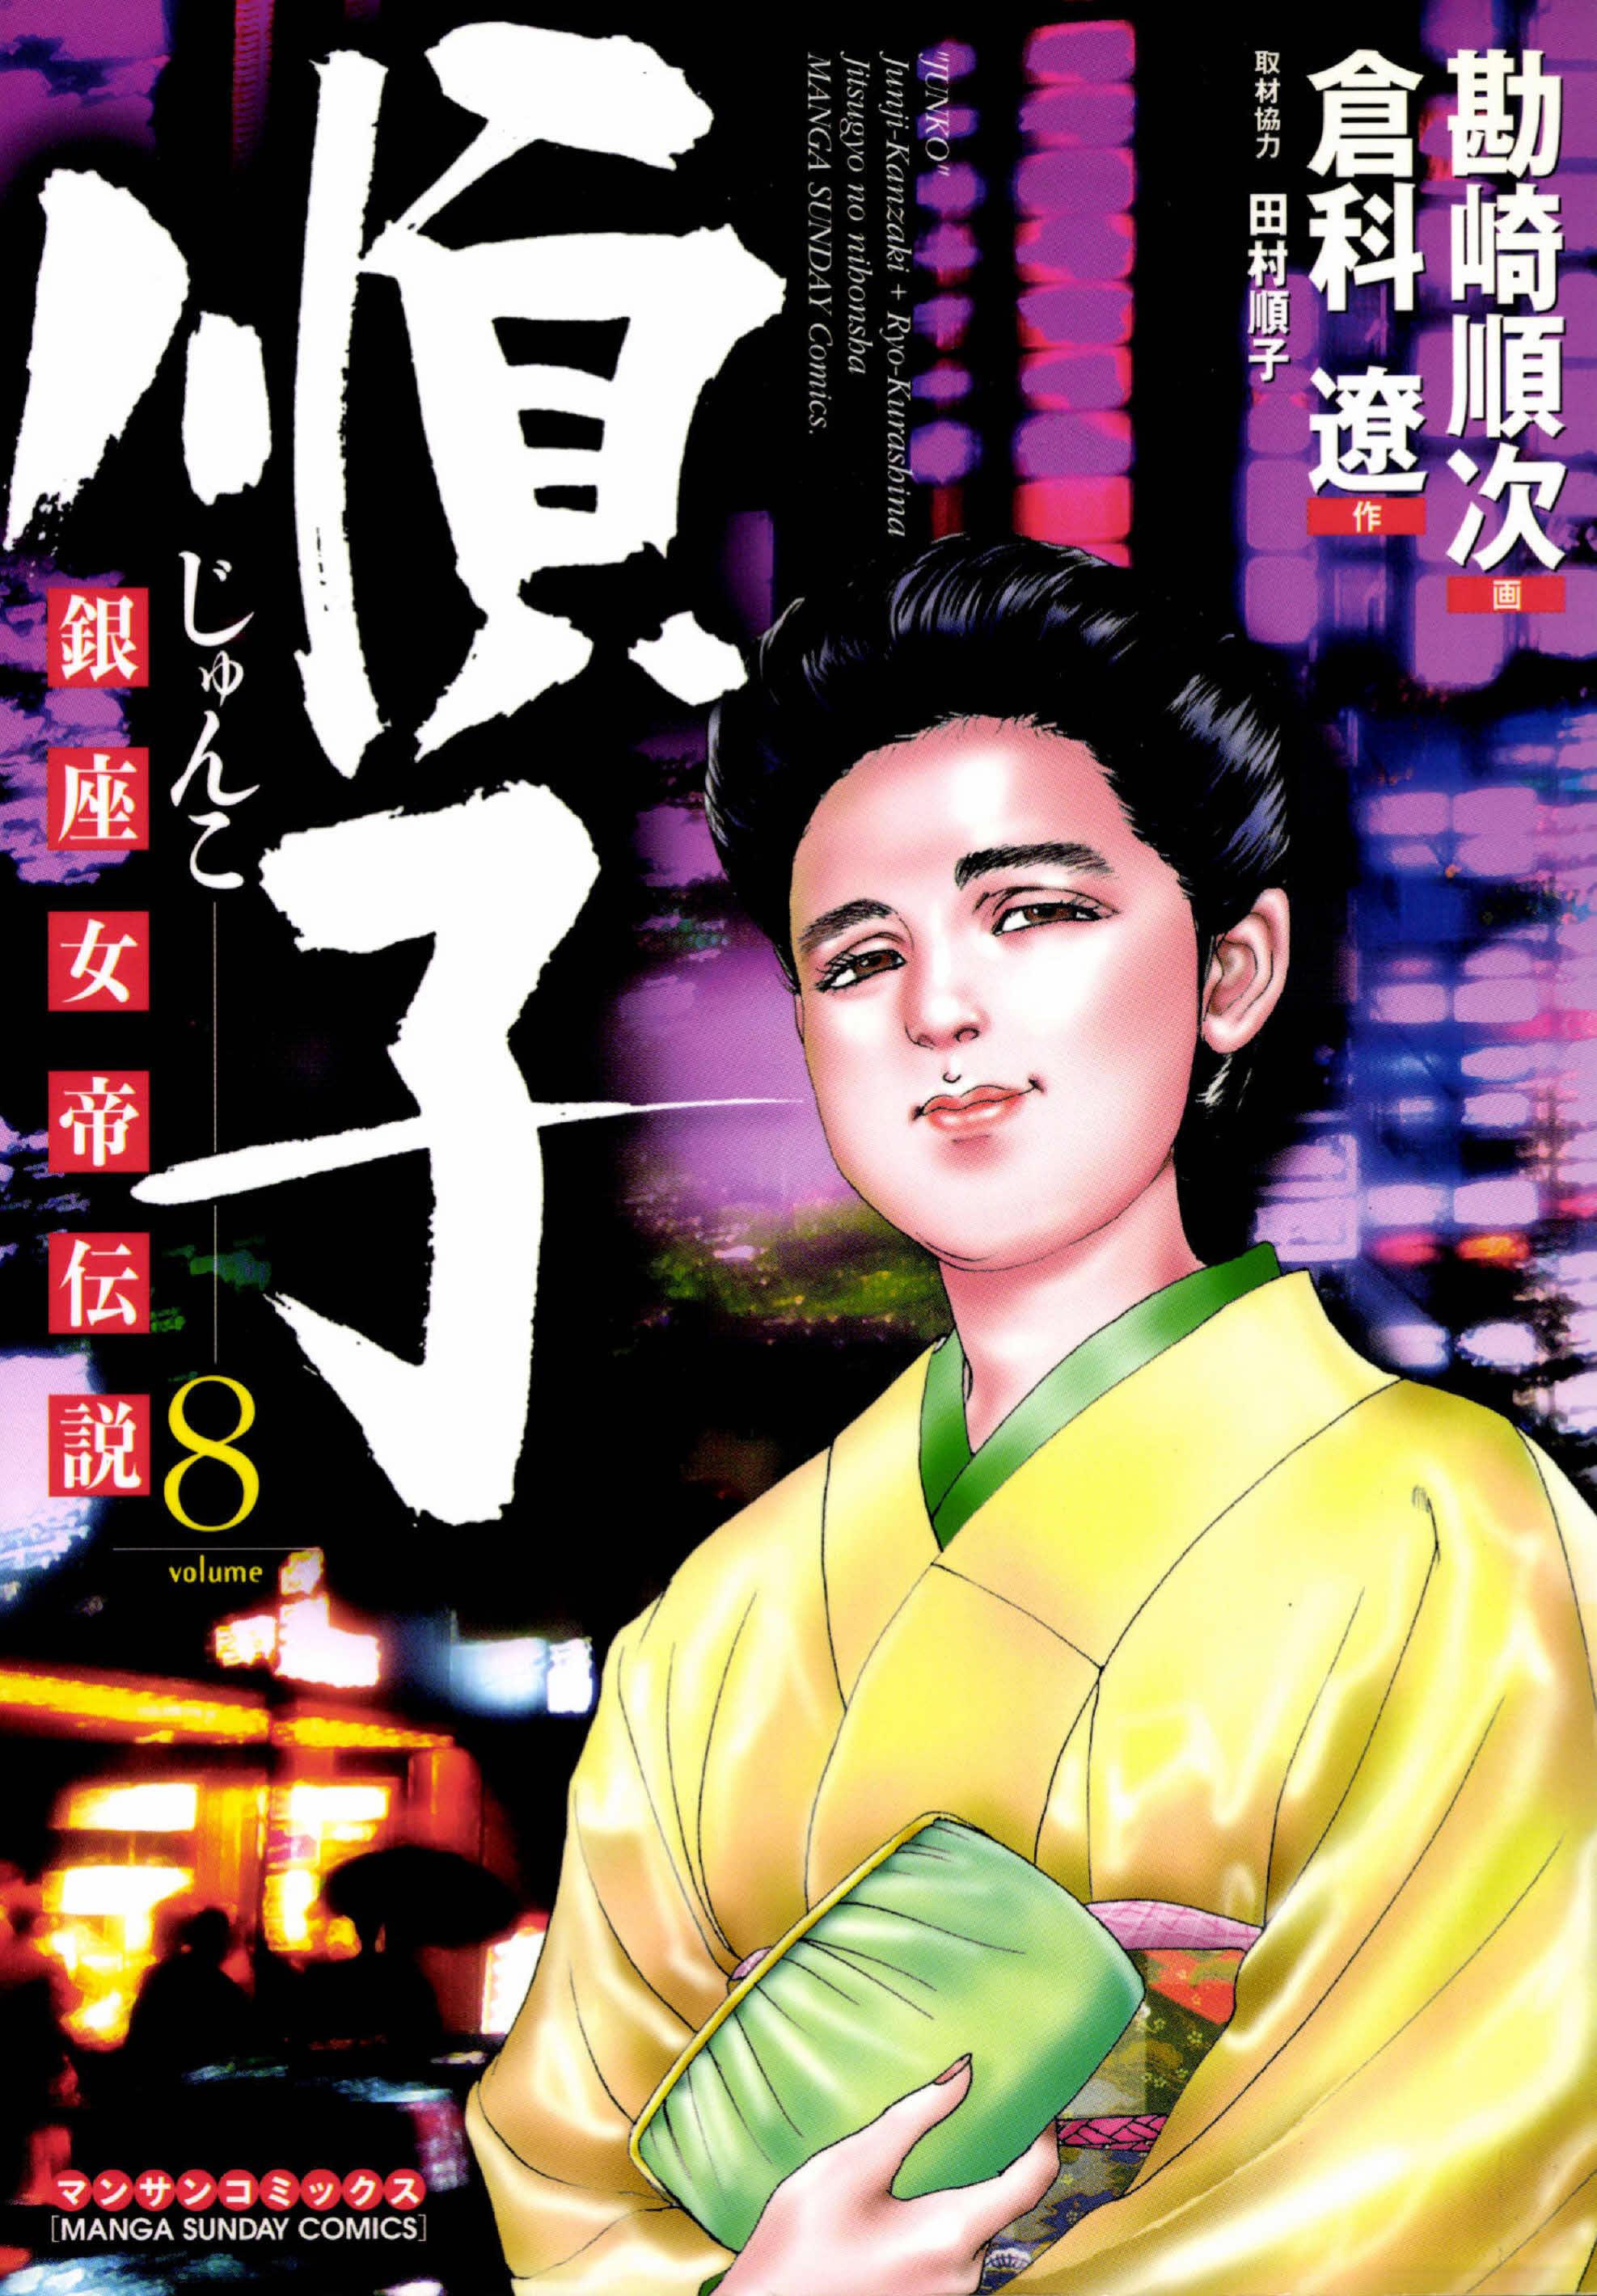 銀座女帝伝説順子(第8巻)